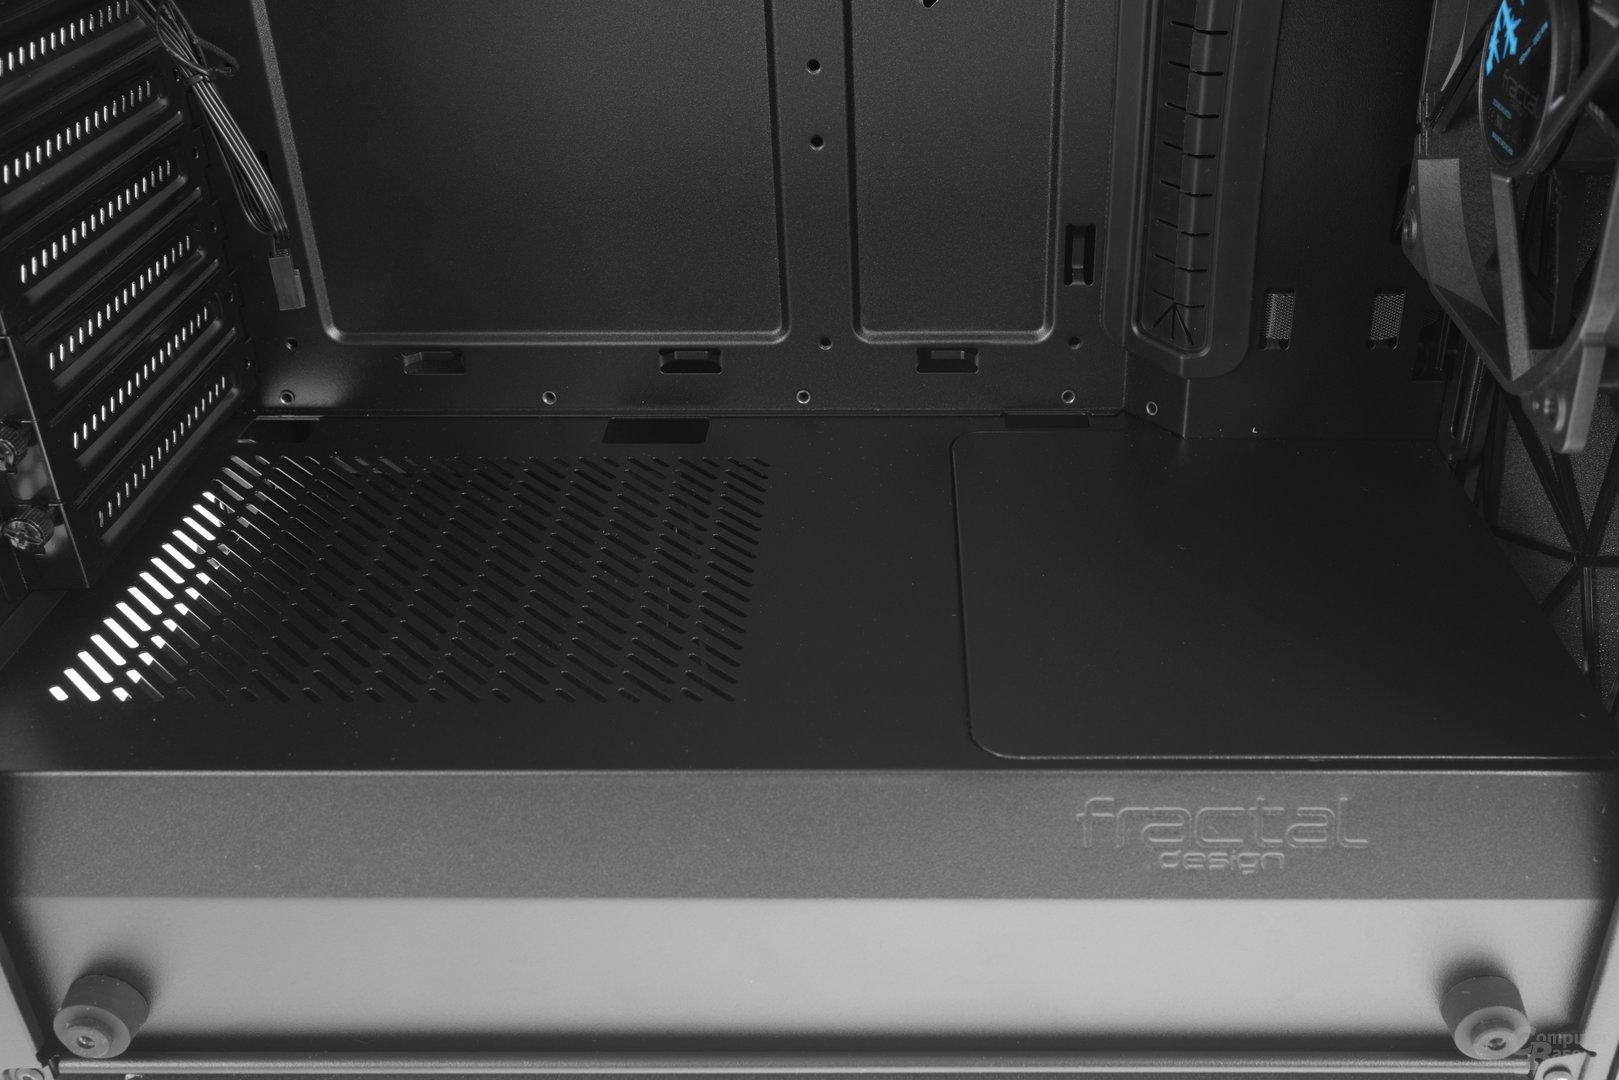 Fractal Design Meshify C – Raumtrenner verdeckt Netzteil und Festplatten